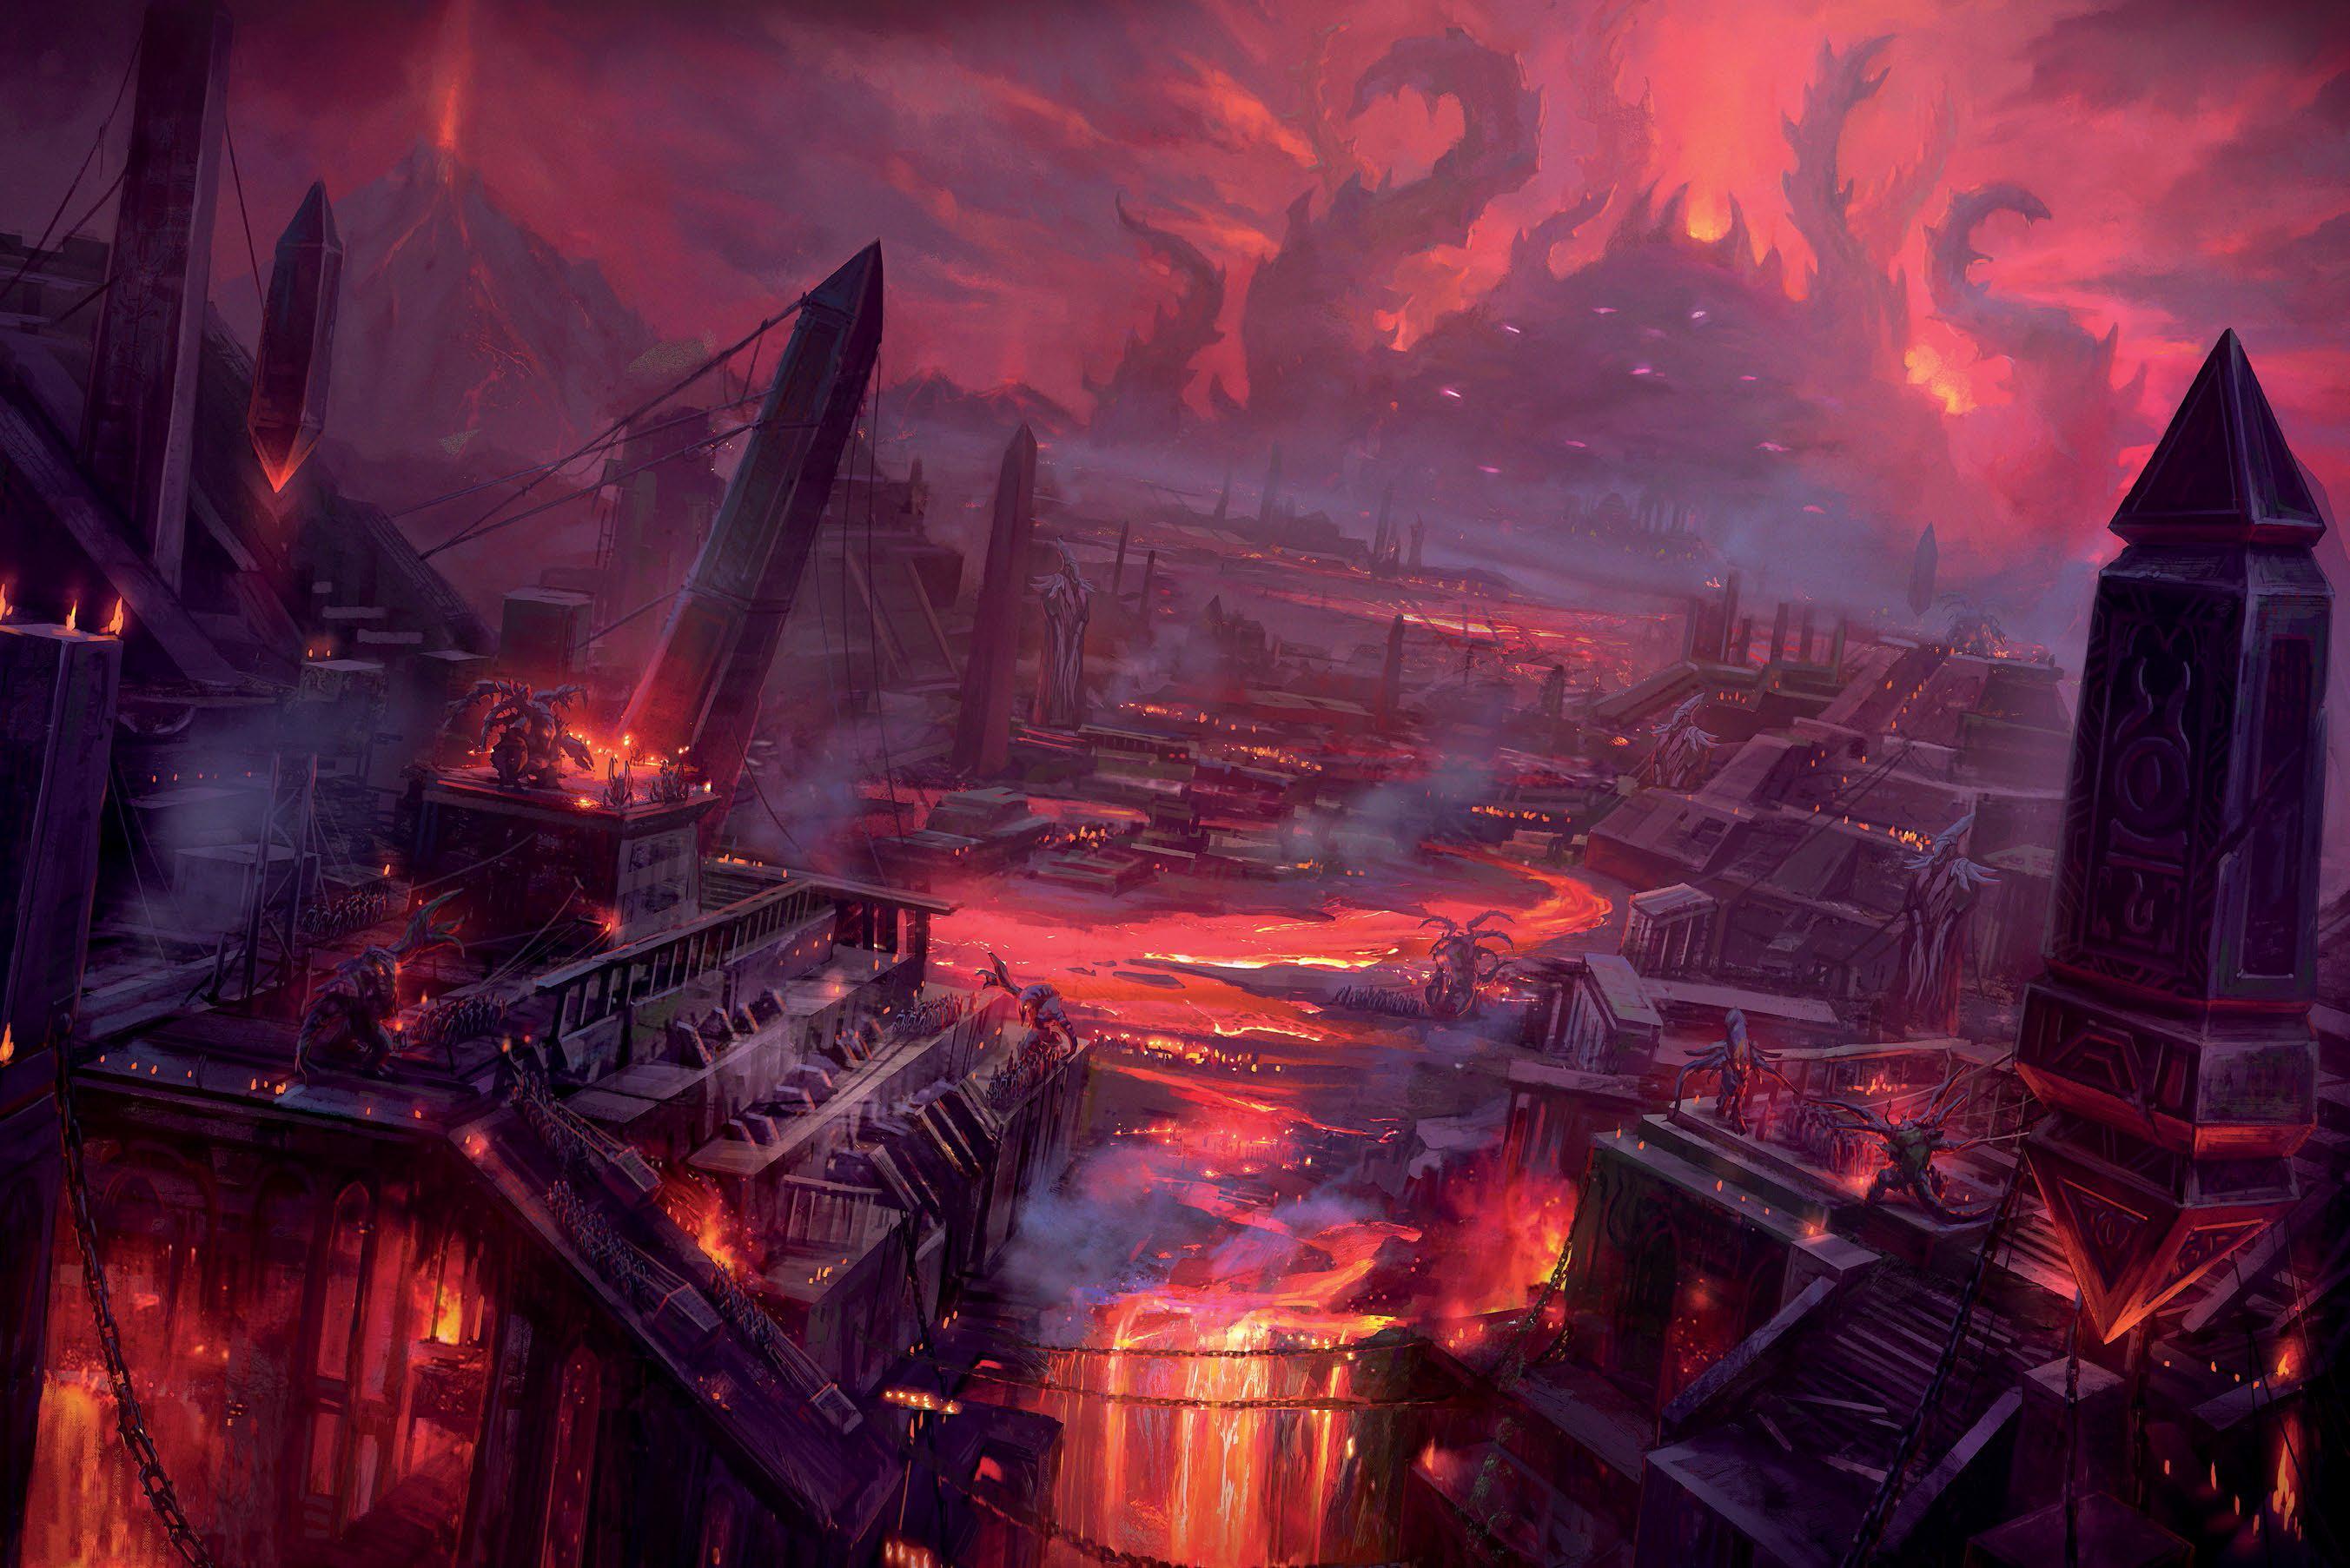 Titanlar tarafından hakimiyeti sona erdirilmeden önceki haliyle Kara İmparatorluk